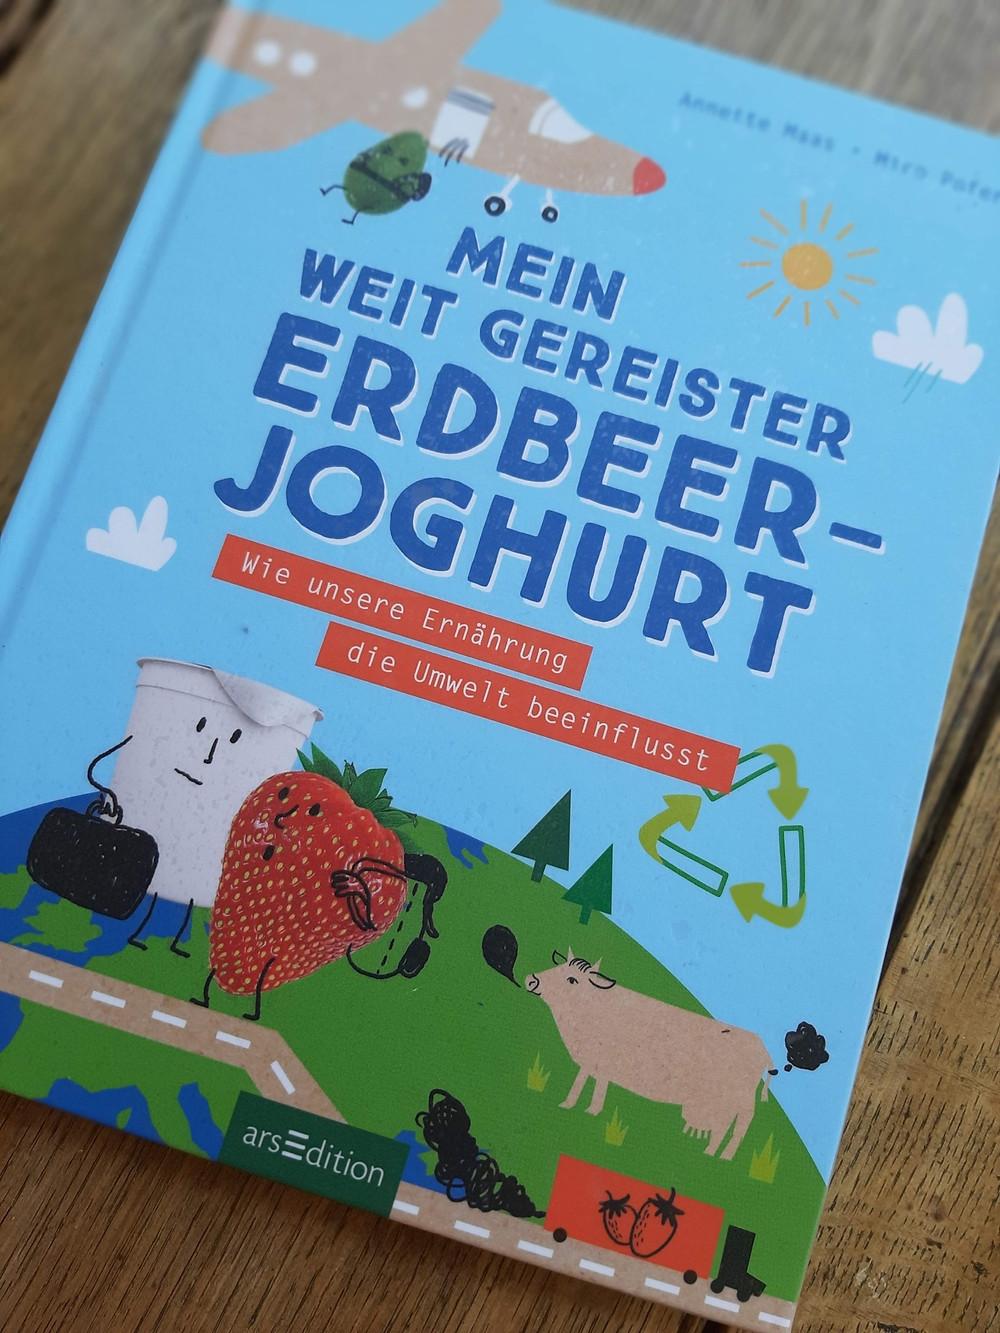 Buchcover: Mein weit gereister Erdbeerjoghurt:  Wie unsere Ernährung die Umwelt beeinflusst